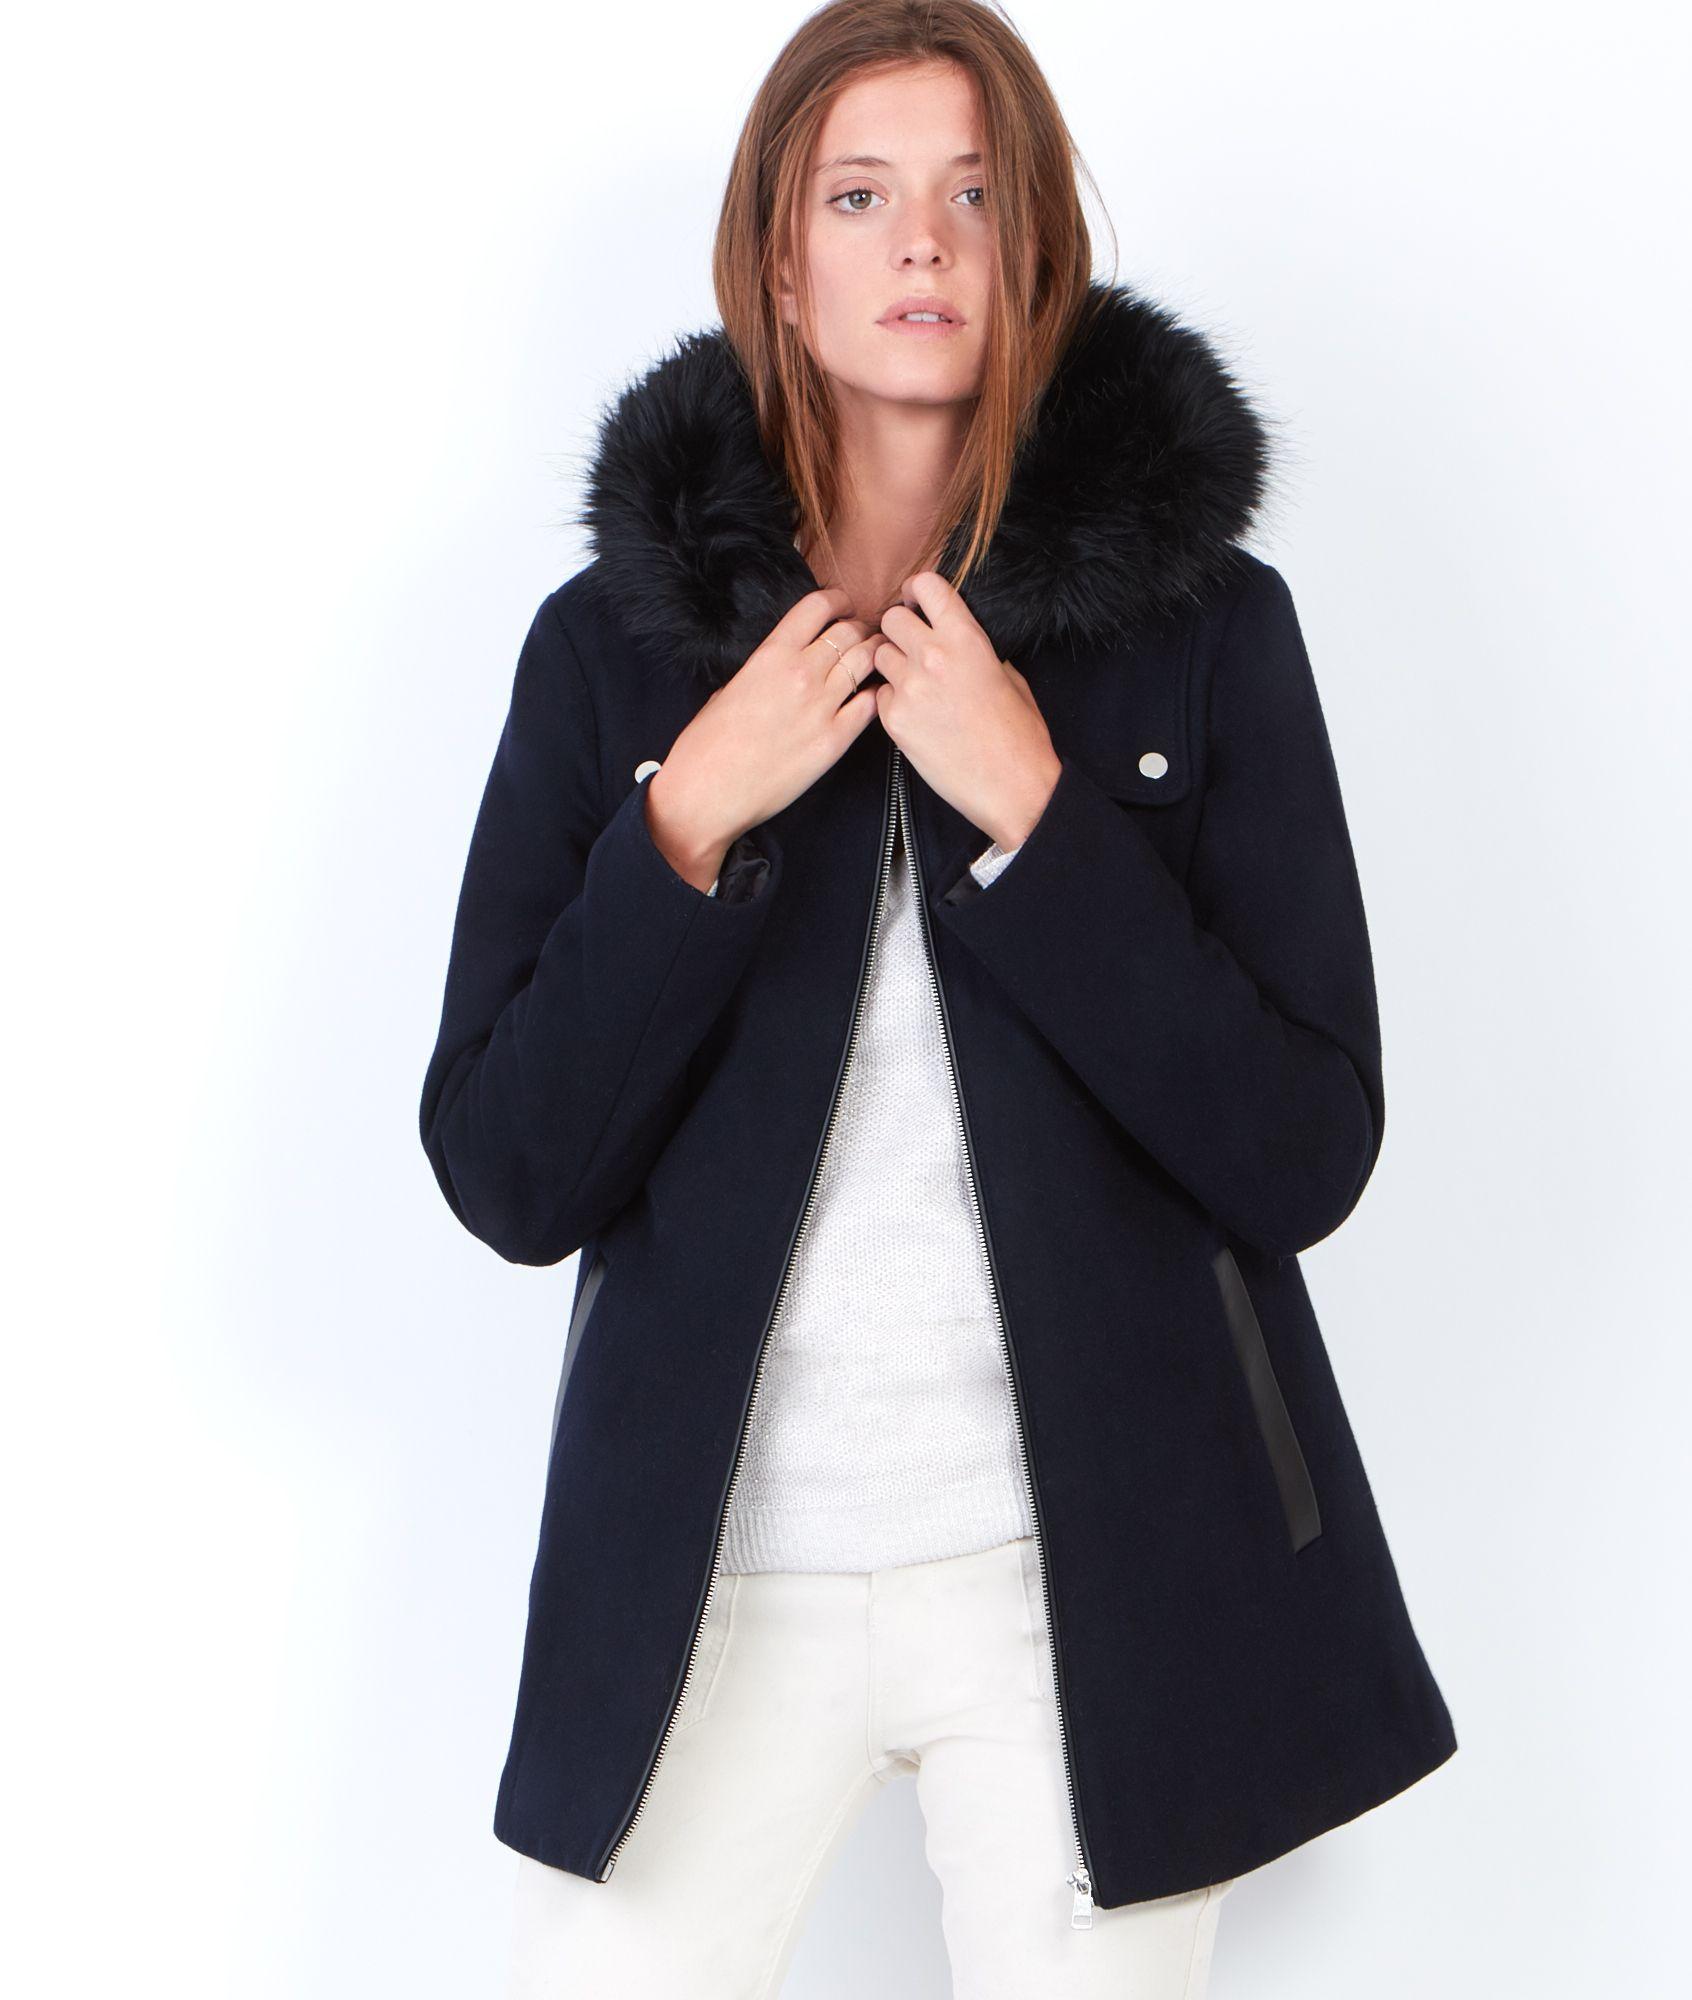 Manteau à capuche avec bordure en fausse fourrure - Manteaux - Manteaux -  Vêtements - Prêt-à-porter 05cf57f7662